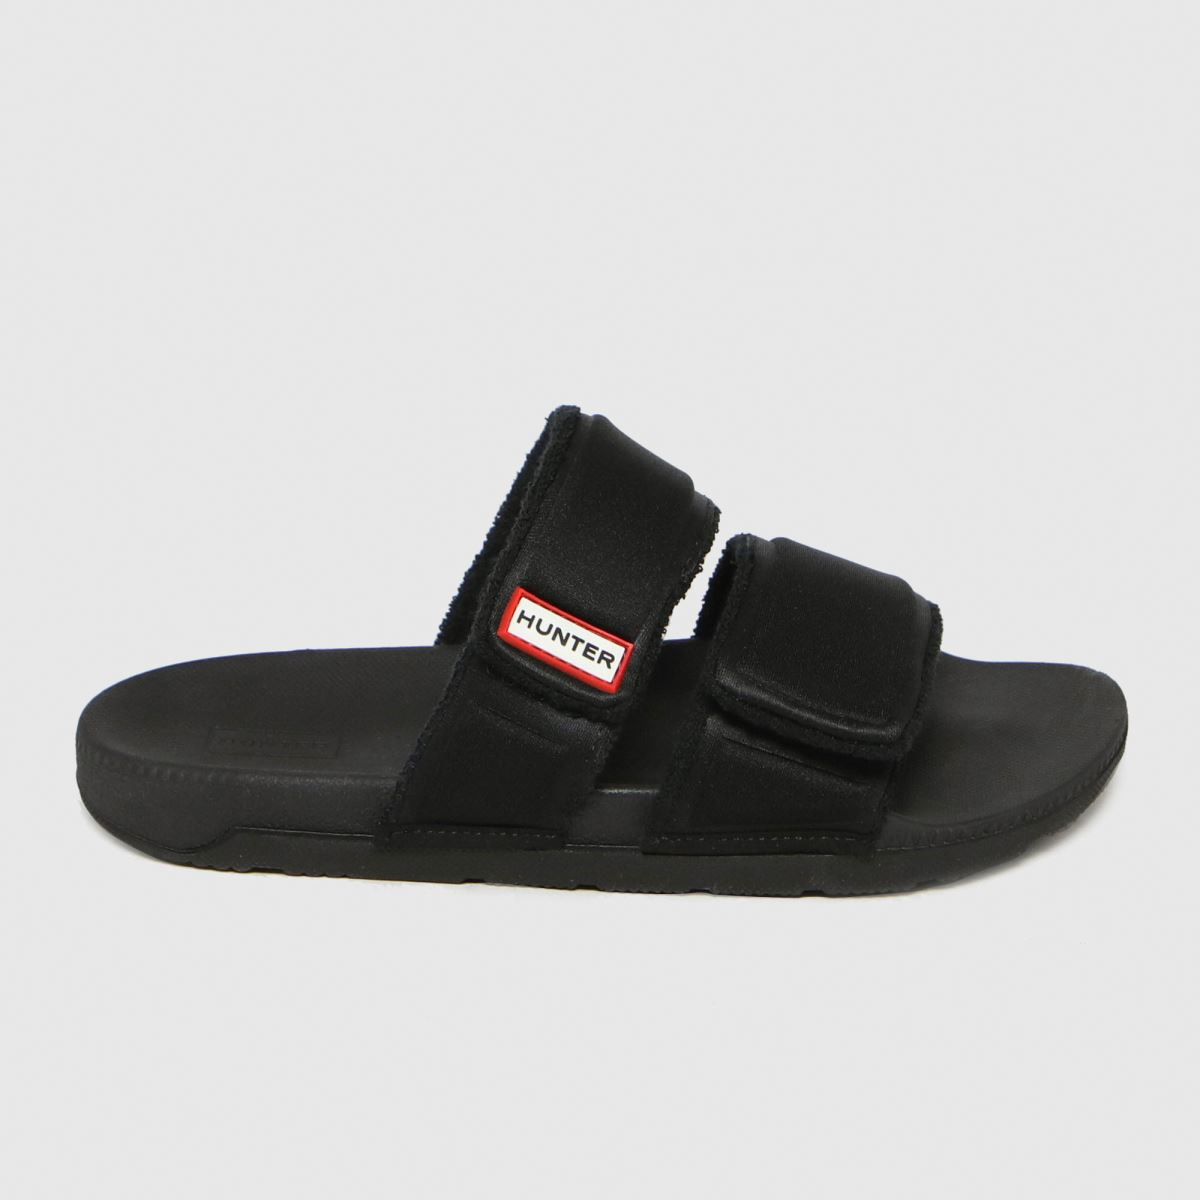 Hunter Black Original Two Strap Slide Sandals